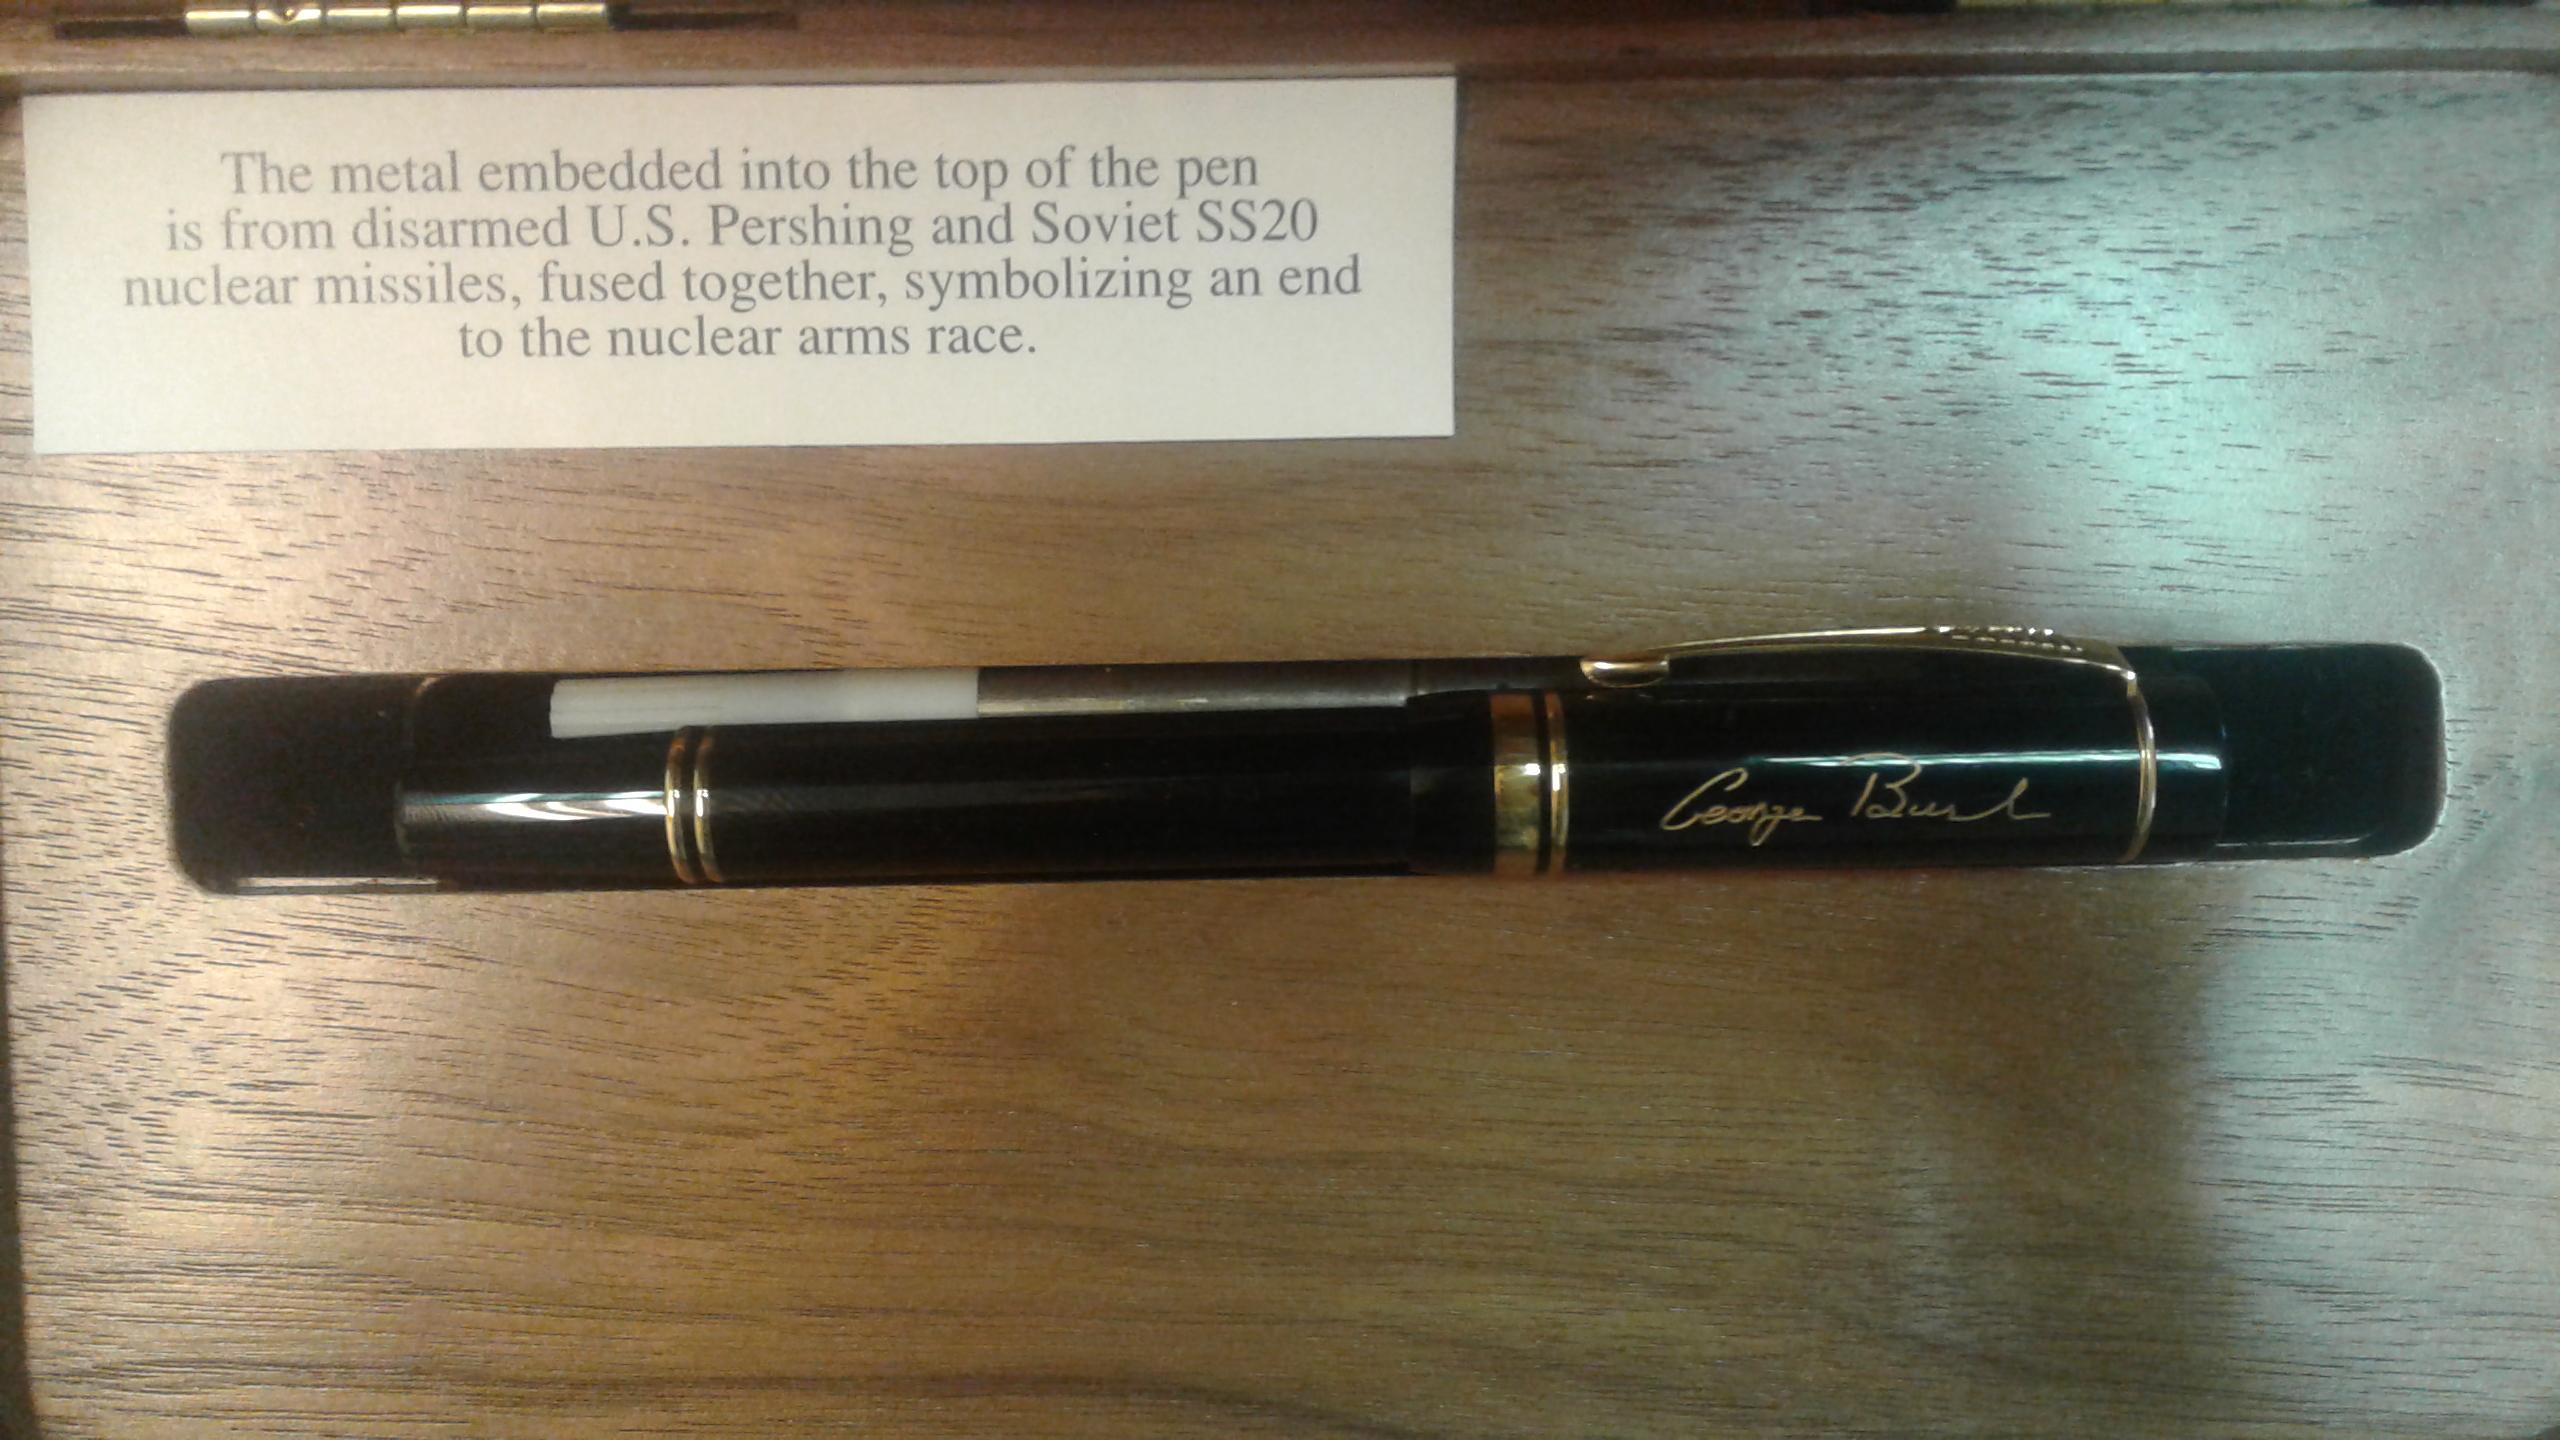 Эту ручку Борису Ельцину подарил Джордж Буш,когда они подписывали договор о сокращении вооружений. Кончик ручки выполнен из стали ракеты